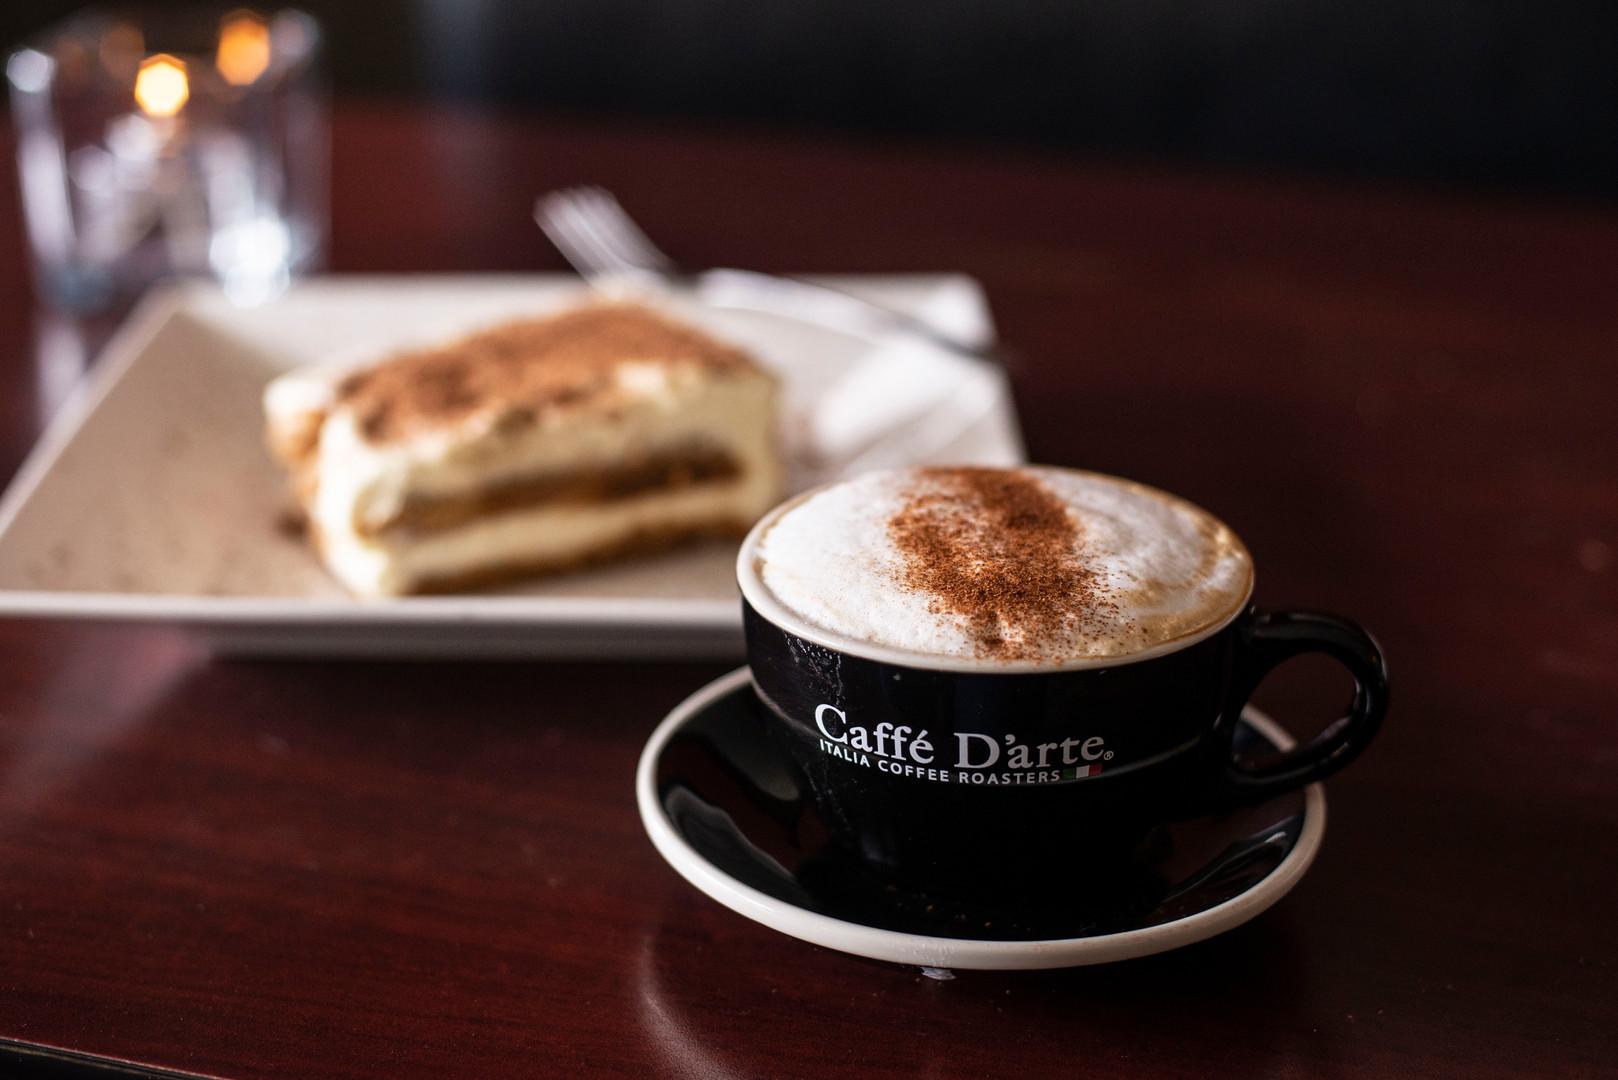 Caffe Da`rte